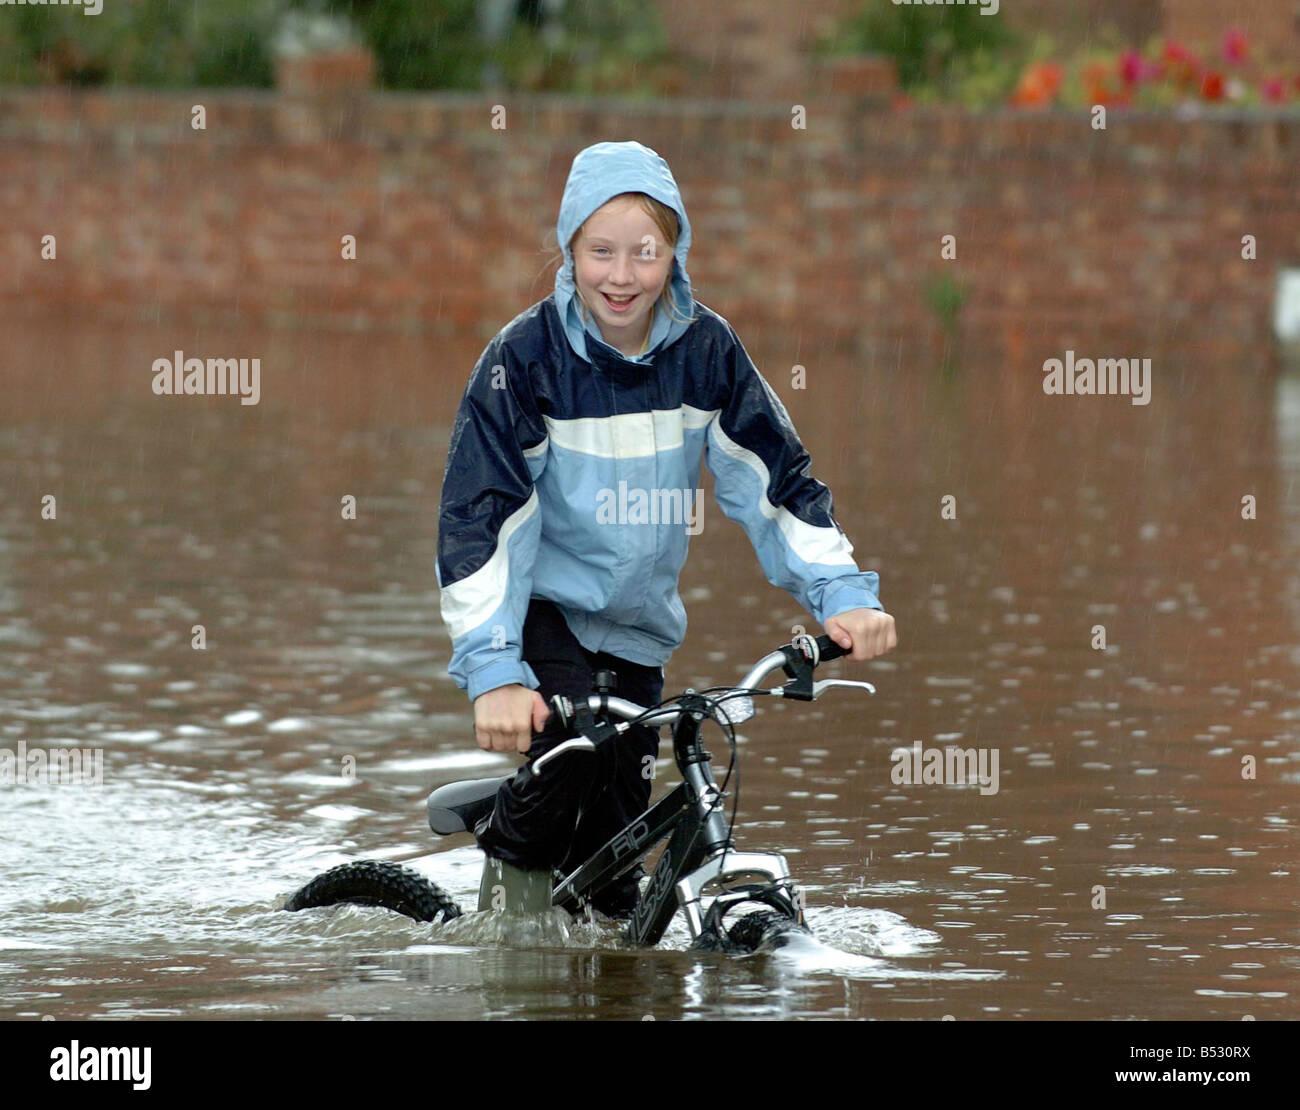 Floods in Longford, Gloucester - Stock Image